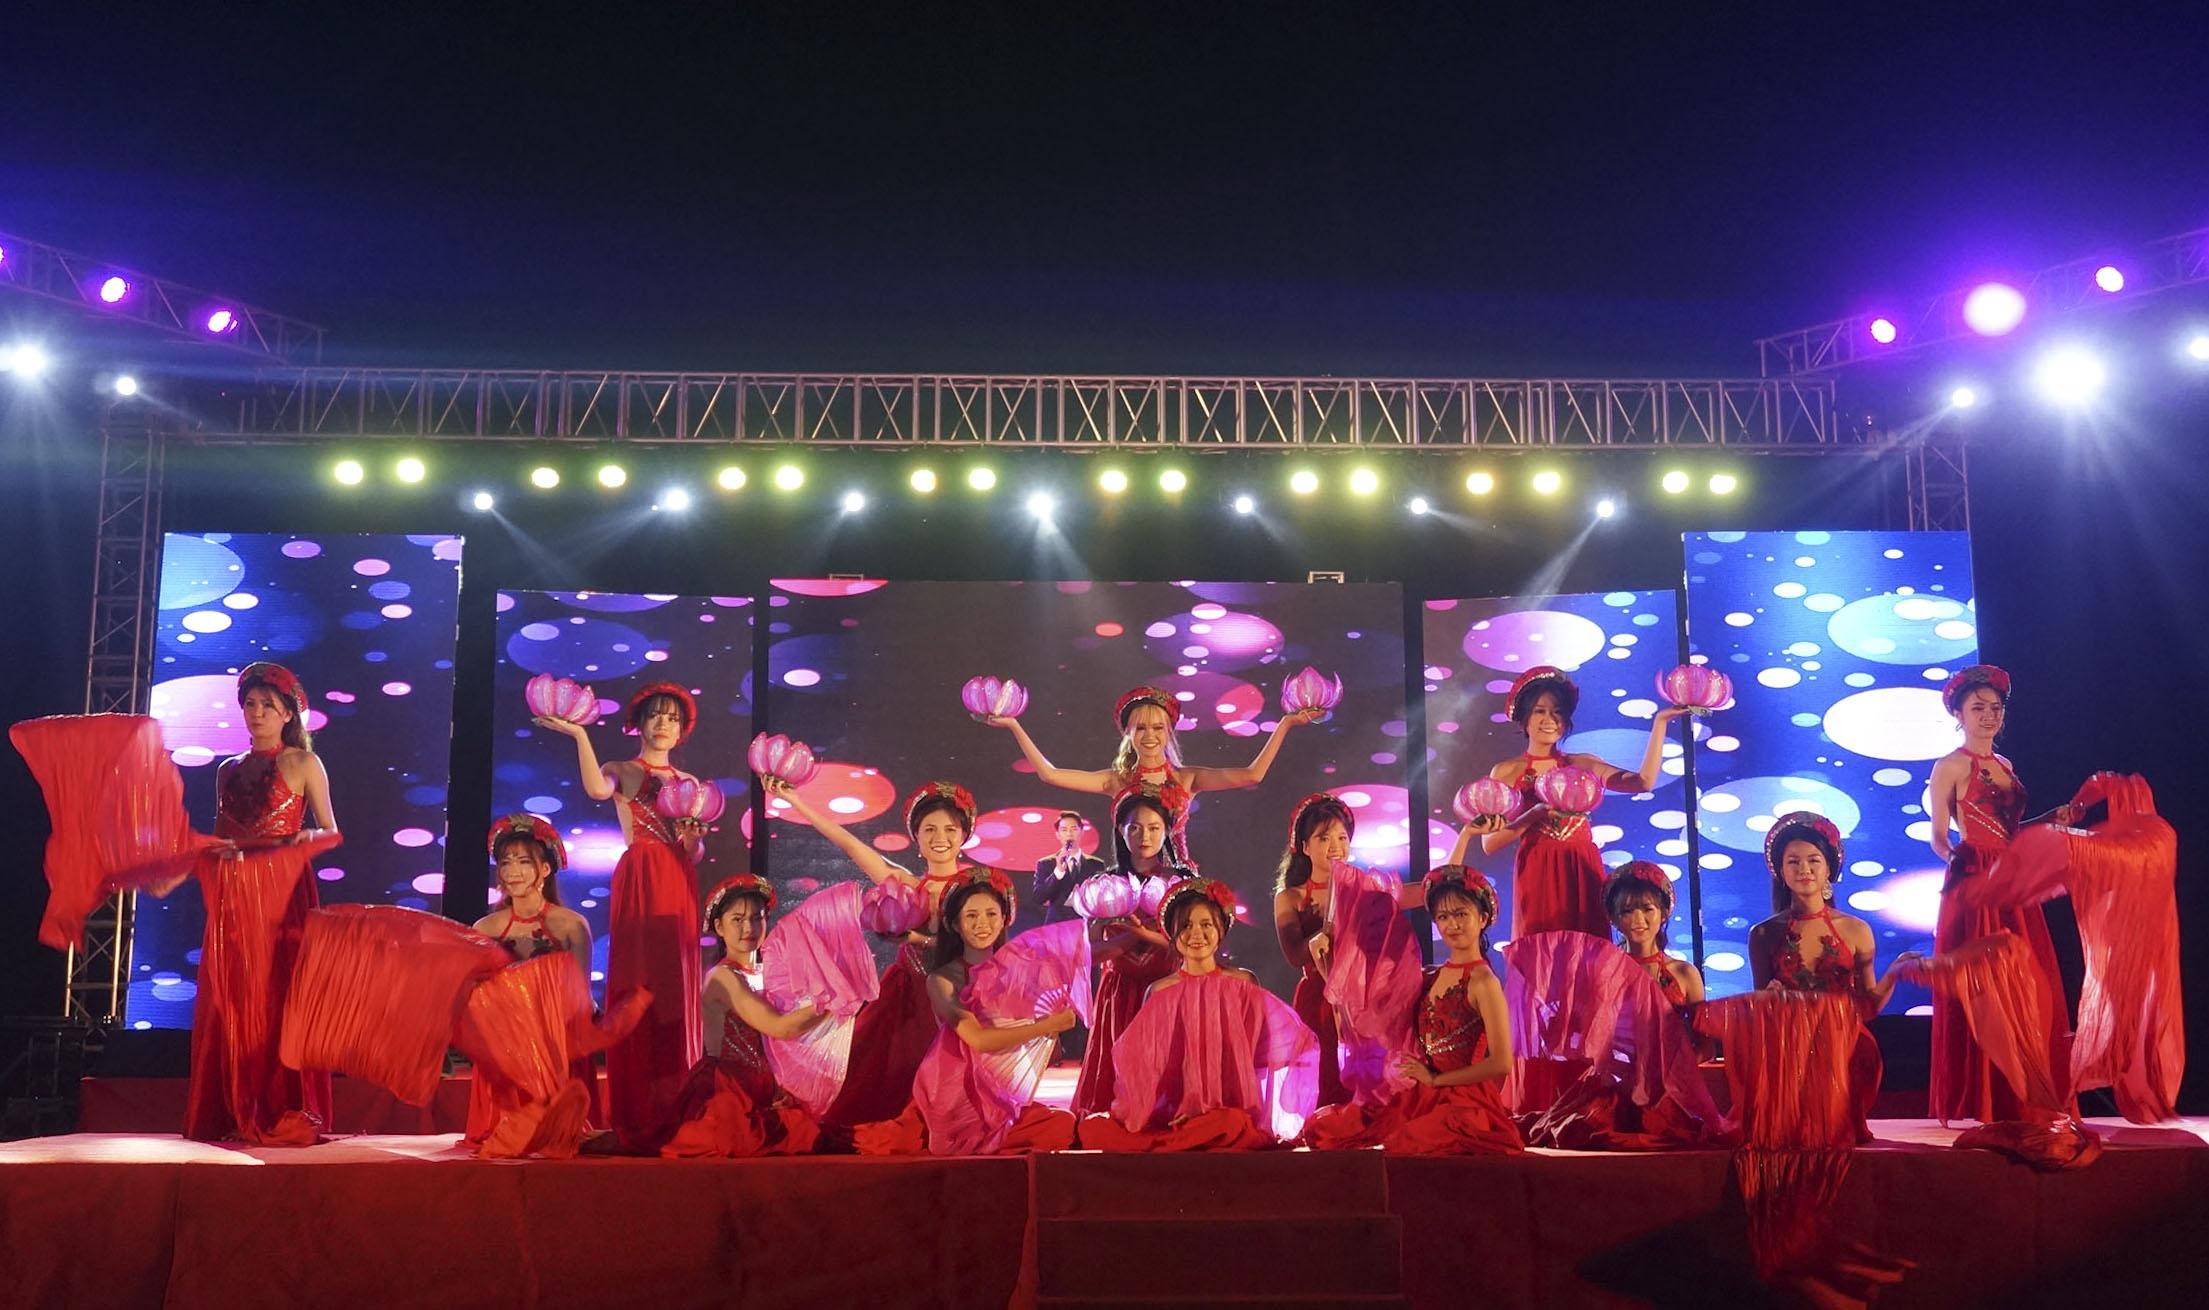 """Mở màn đêm thi là tiết mục múa dân gian trên nền nhạc """"Gấm"""" với sự góp mặt của chính 15 thí sinh xinh đẹp trong bộ đồ đỏ rực rỡ."""